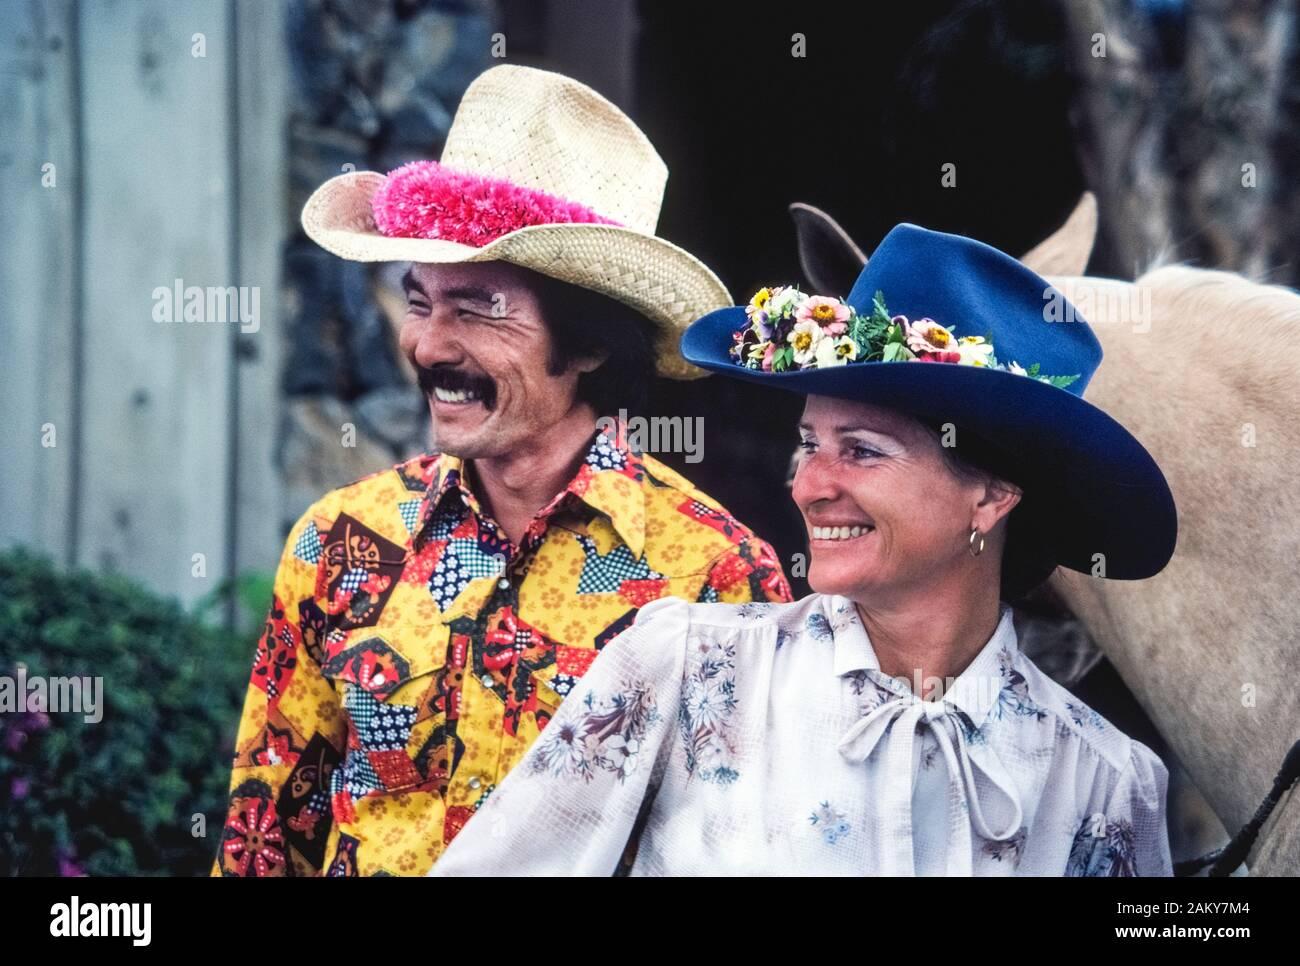 Trägt ein schickes Hemd und eine rosa Blume lei Um seinem Strohhut, eine hawaiische Paniolo (Cowboy) und seine Freundin verkleiden sich die jährlichen 4. Juli Rodeo am historischen Parker Ranch auf der grossen Insel von Hawaii in Hawaii, USA zu besuchen. Gebürtige Hawaiianer wurde Cowboys vor langer Zeit, im Jahre 1847, wenn die Rinder Ranch war auf dem Pazifischen Ozean Insel gegründet und wuchs zu einem der größten privaten Ranches in den Vereinigten Staaten zu werden. Heute ungefähr 17.000 Angus, Charolais Rind rinder weiden auf den Wiesen der Parker Ranch, die 130.000 Hektar im Zentrum der Großen Insel. Stockfoto